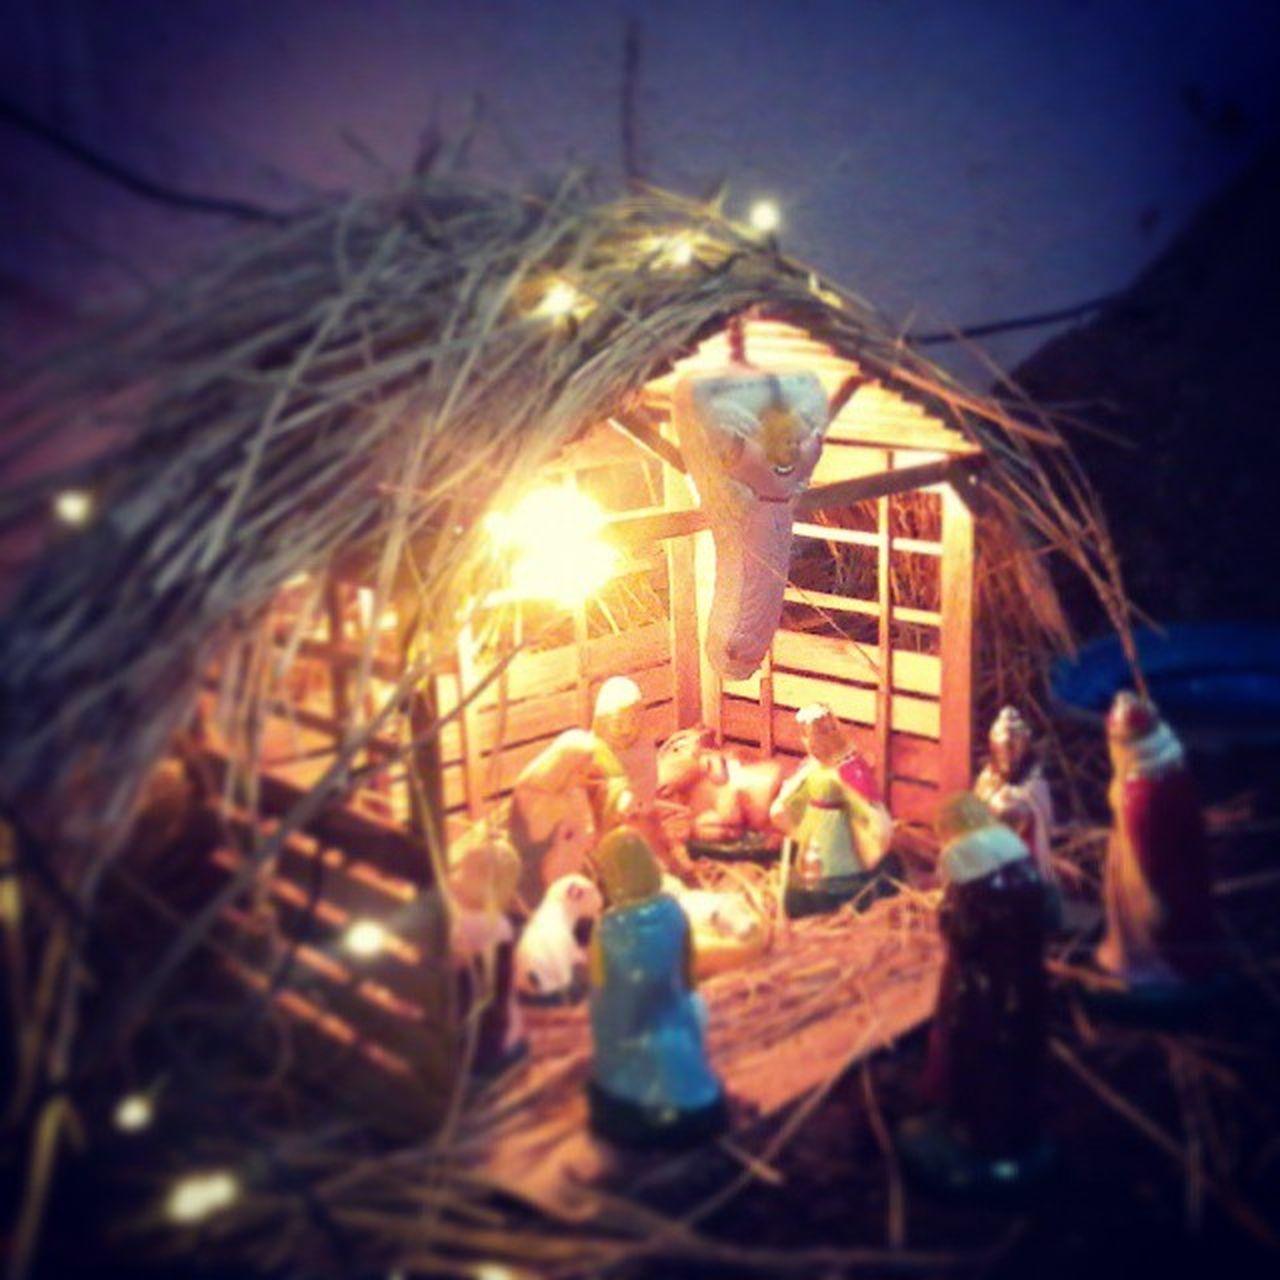 Nativity_Scene Illuminated Decoration Celebration Chrismas Art